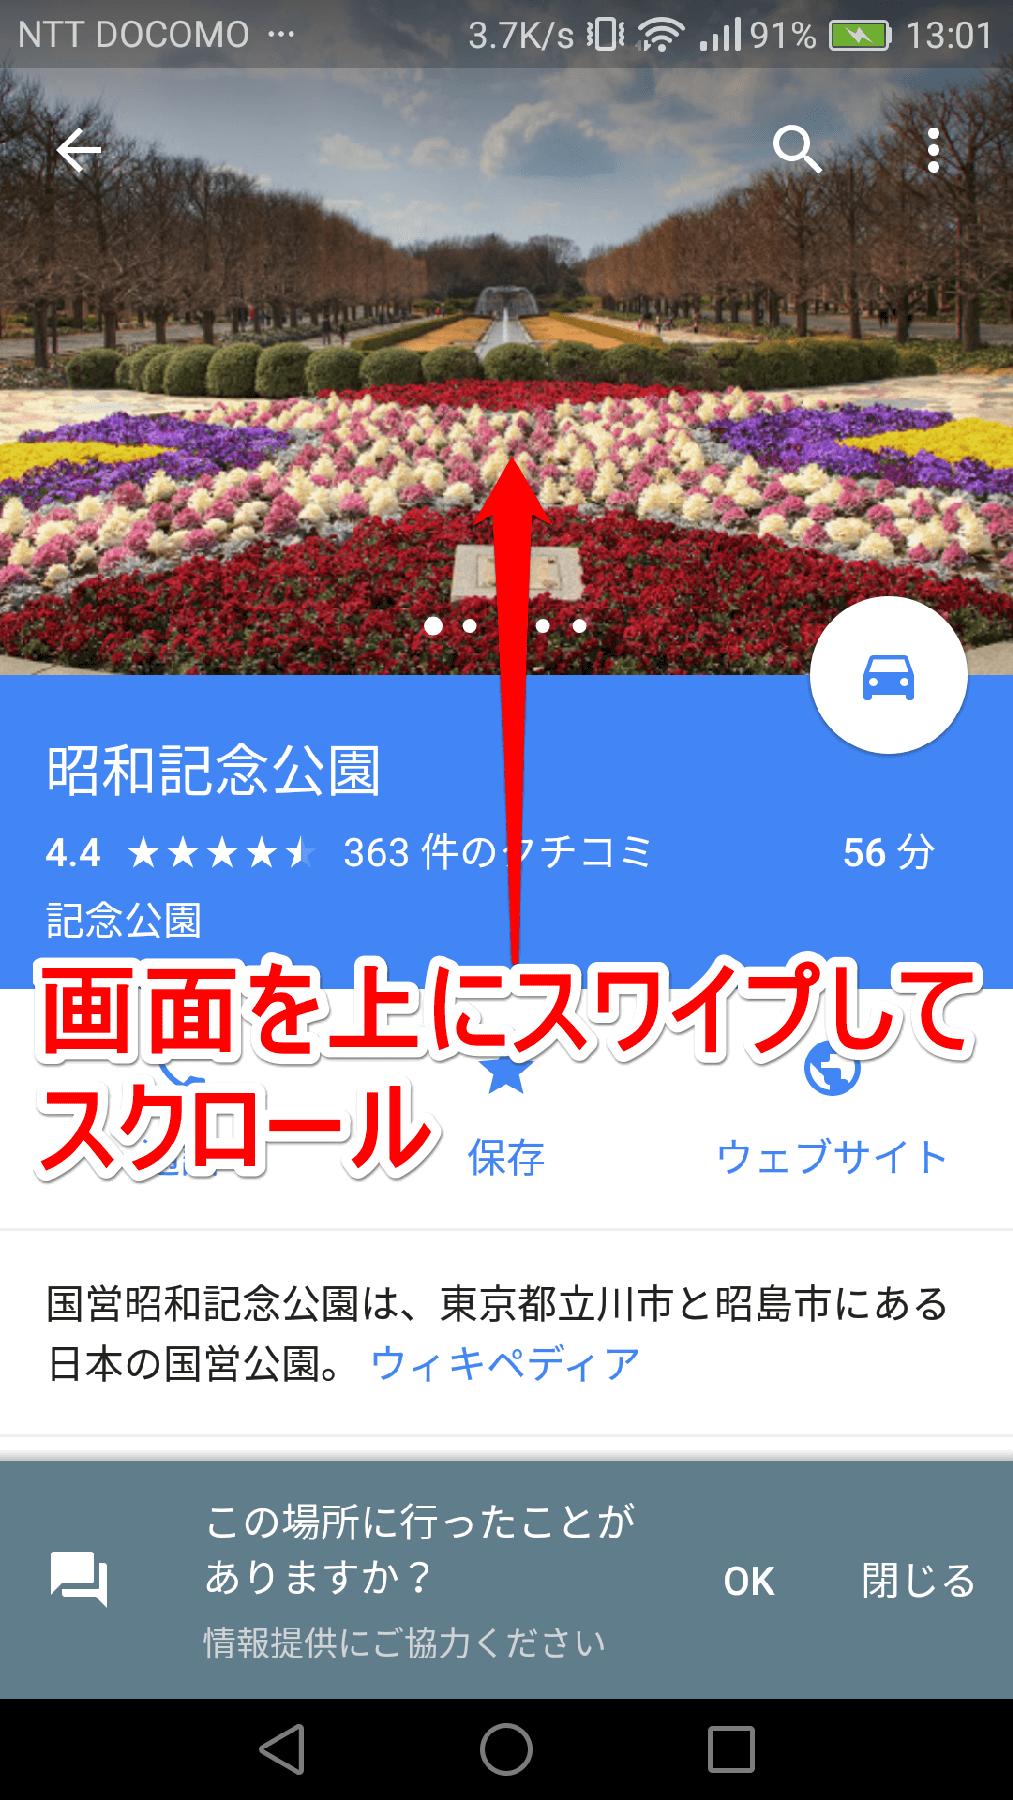 [グーグルマップ]アプリの目的地の詳細画面